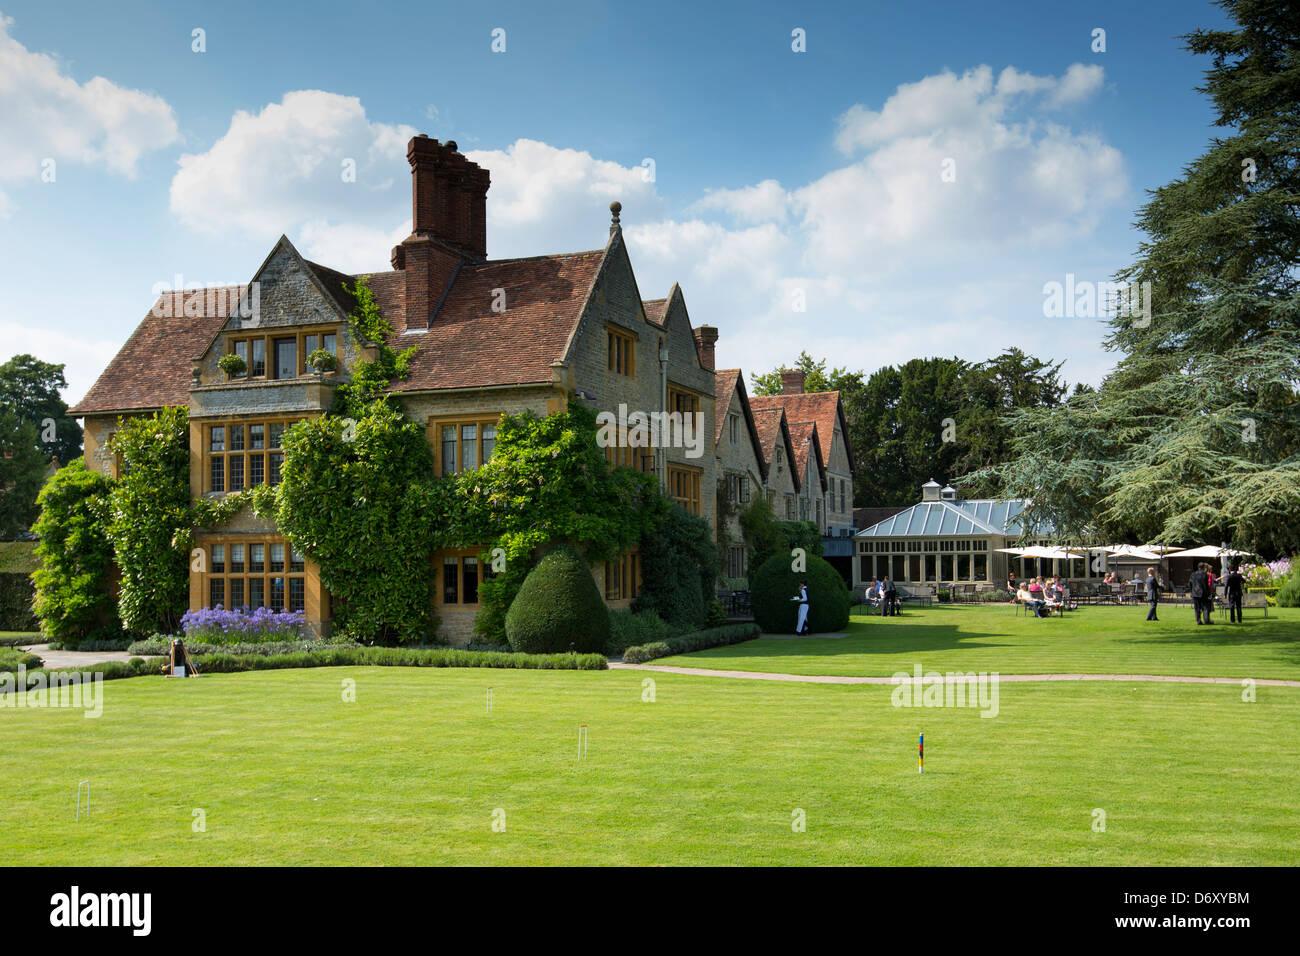 Le Manoir Aux Quat' Saisons Luxushotel gegründet von Raymond Blanc in Great Milton in Oxfordshire, Vereinigtes Königreich Stockfoto